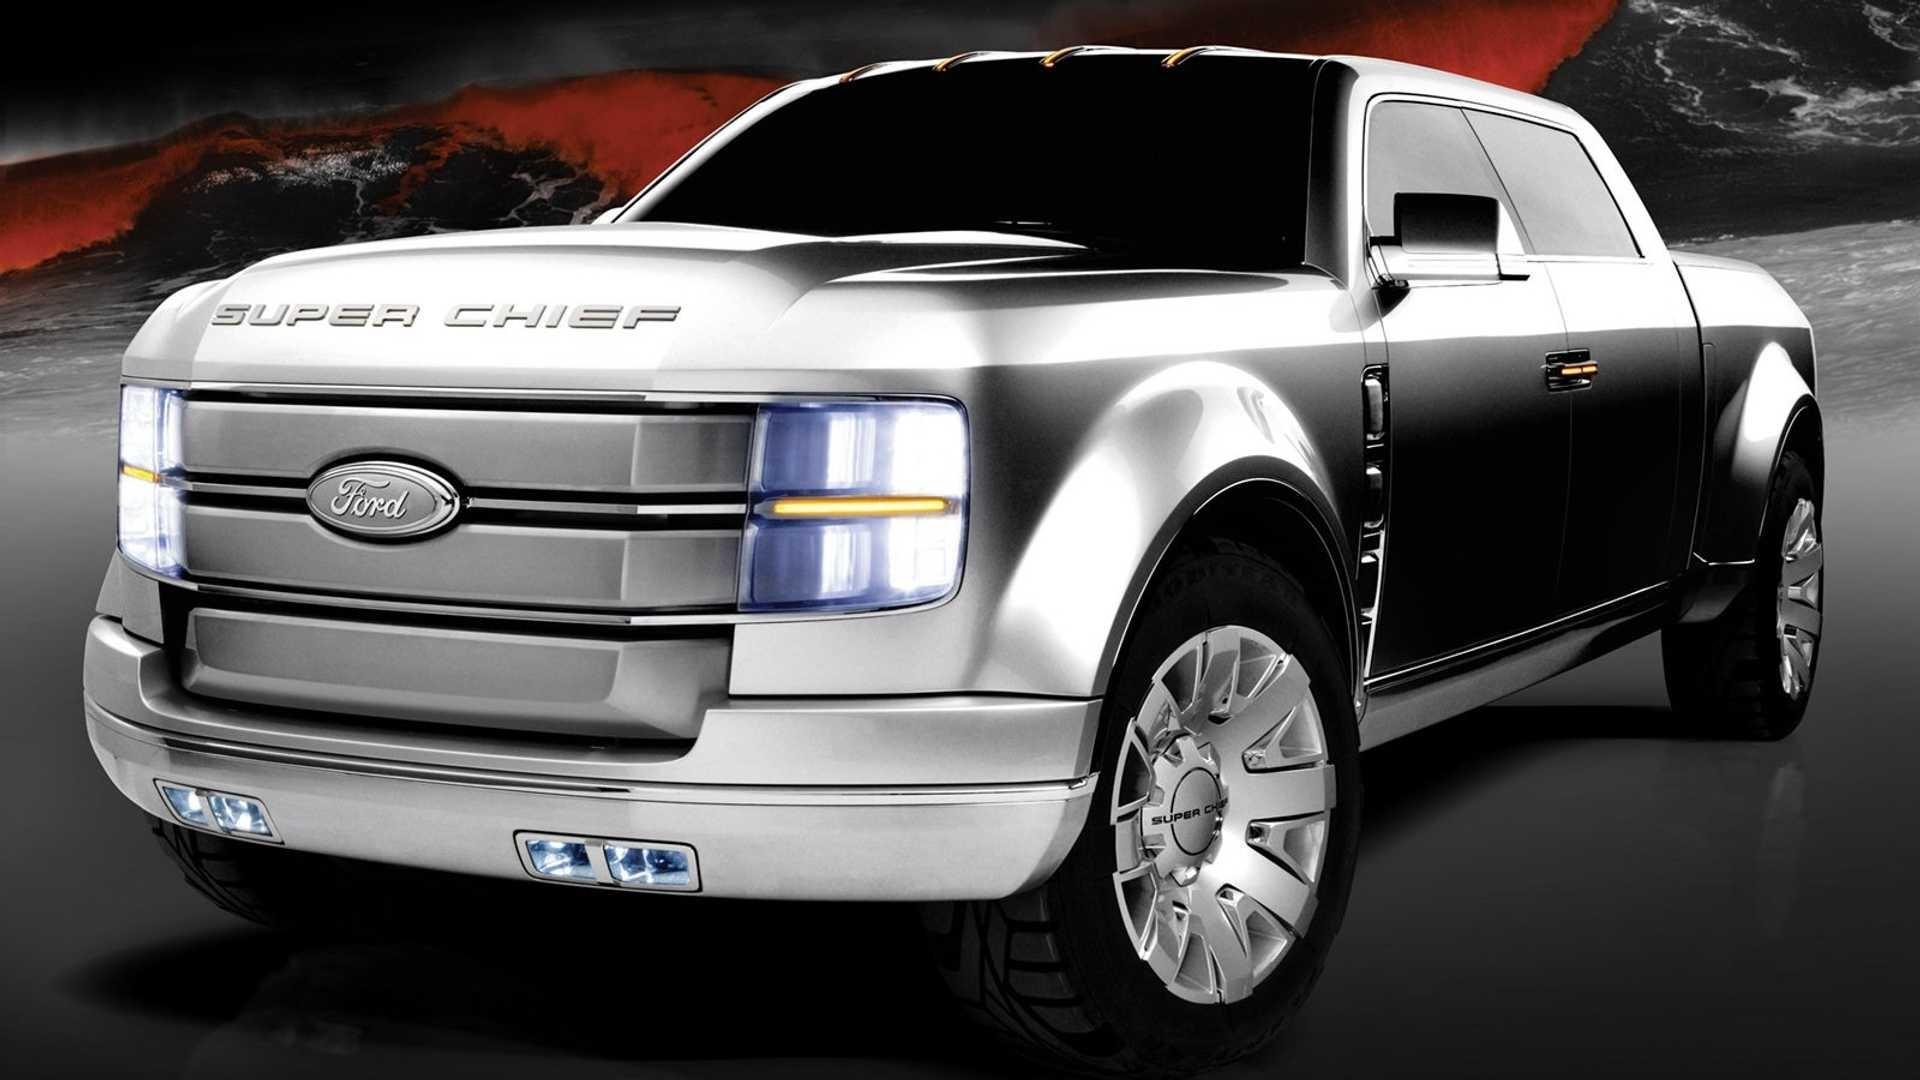 2020 Ford F250 Super Chief Wallpaper